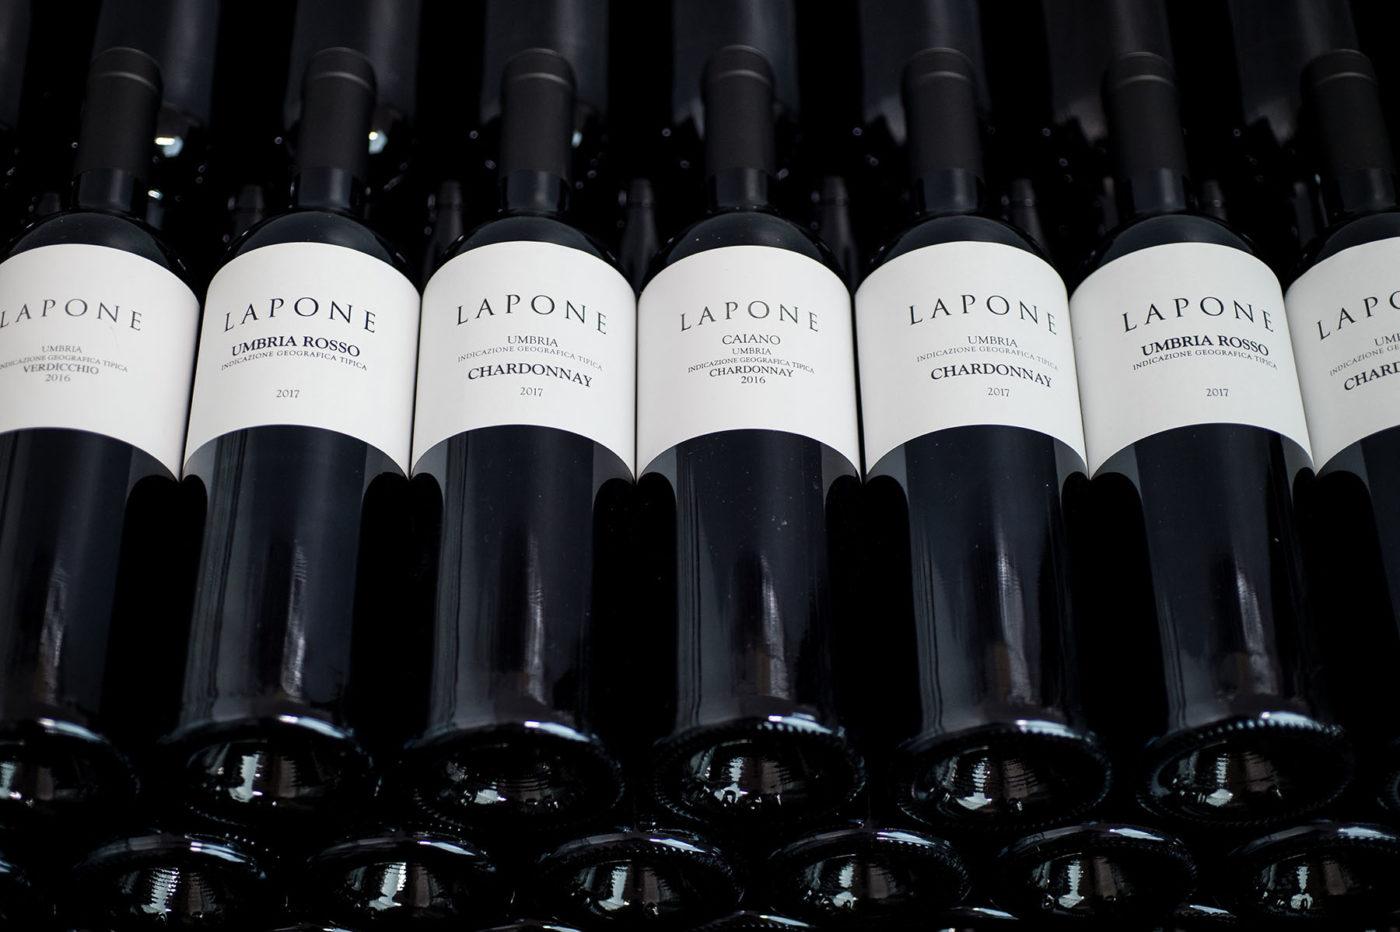 Lapone-15